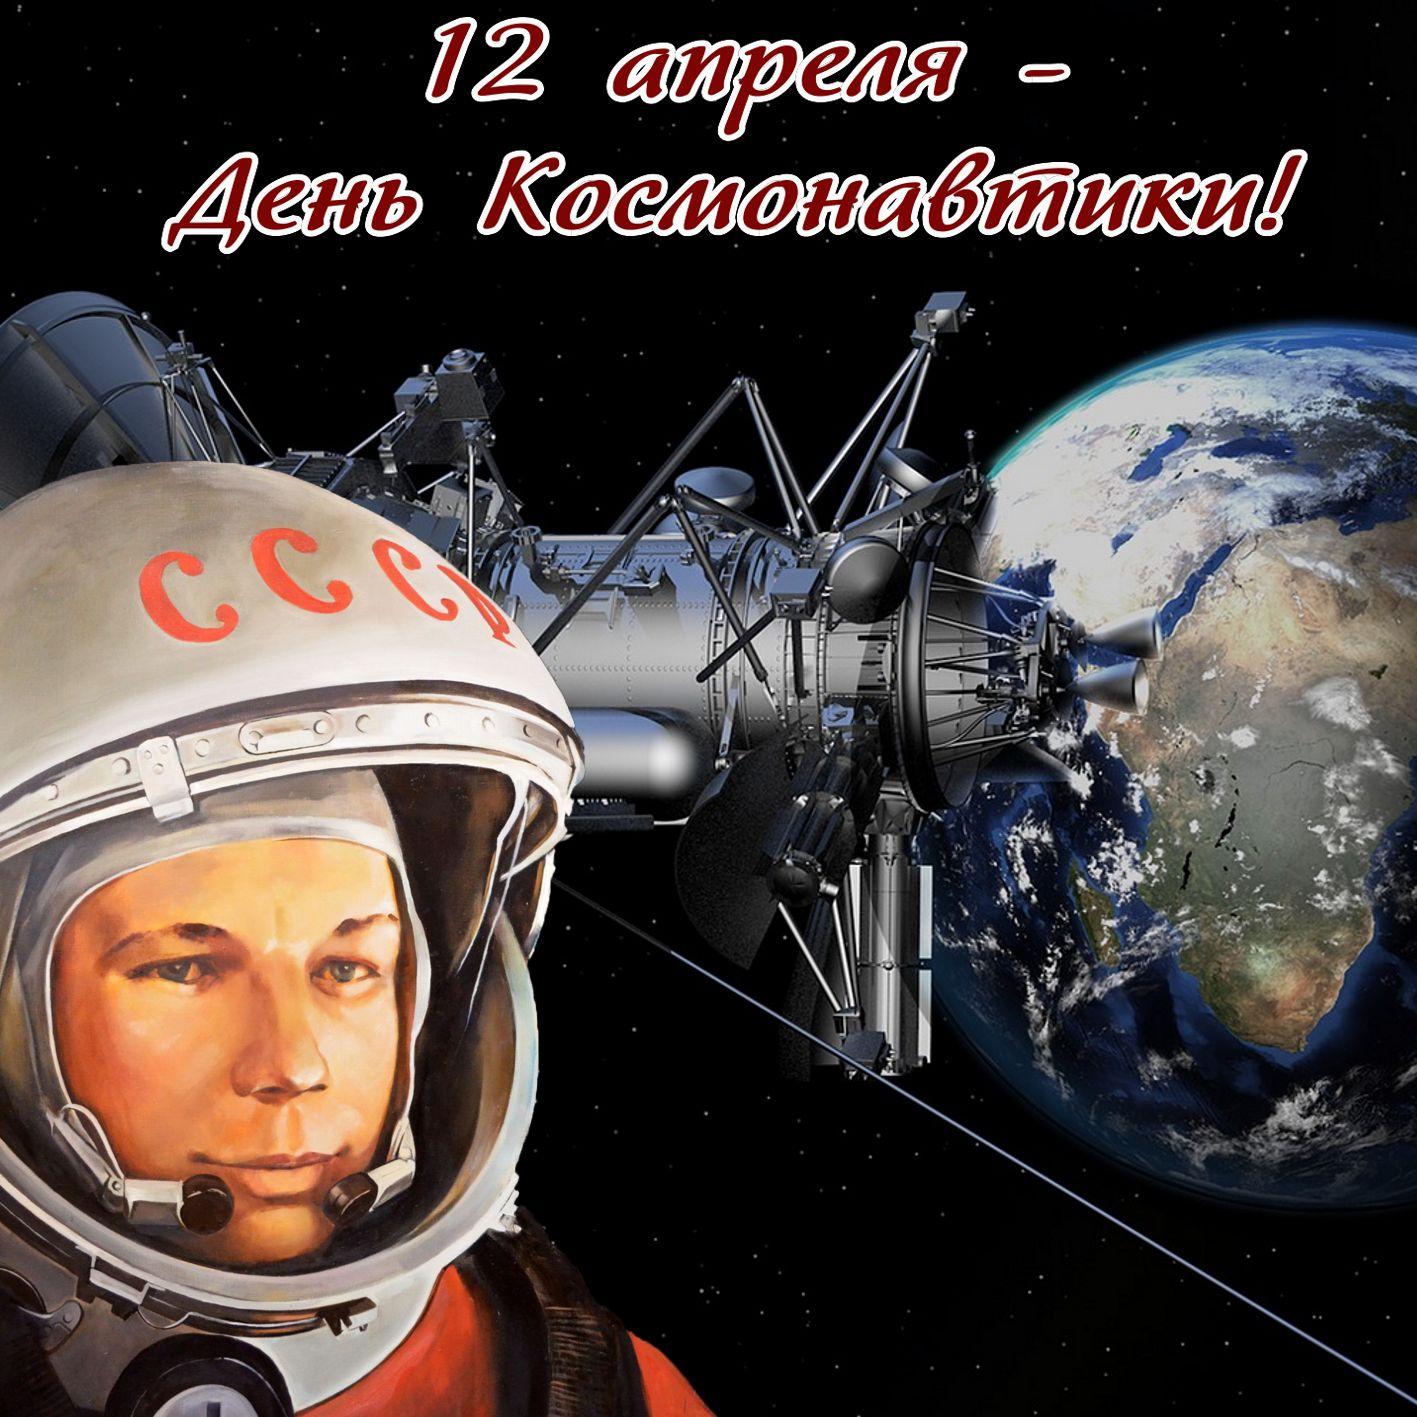 Открытки и фото к дню космонавтике